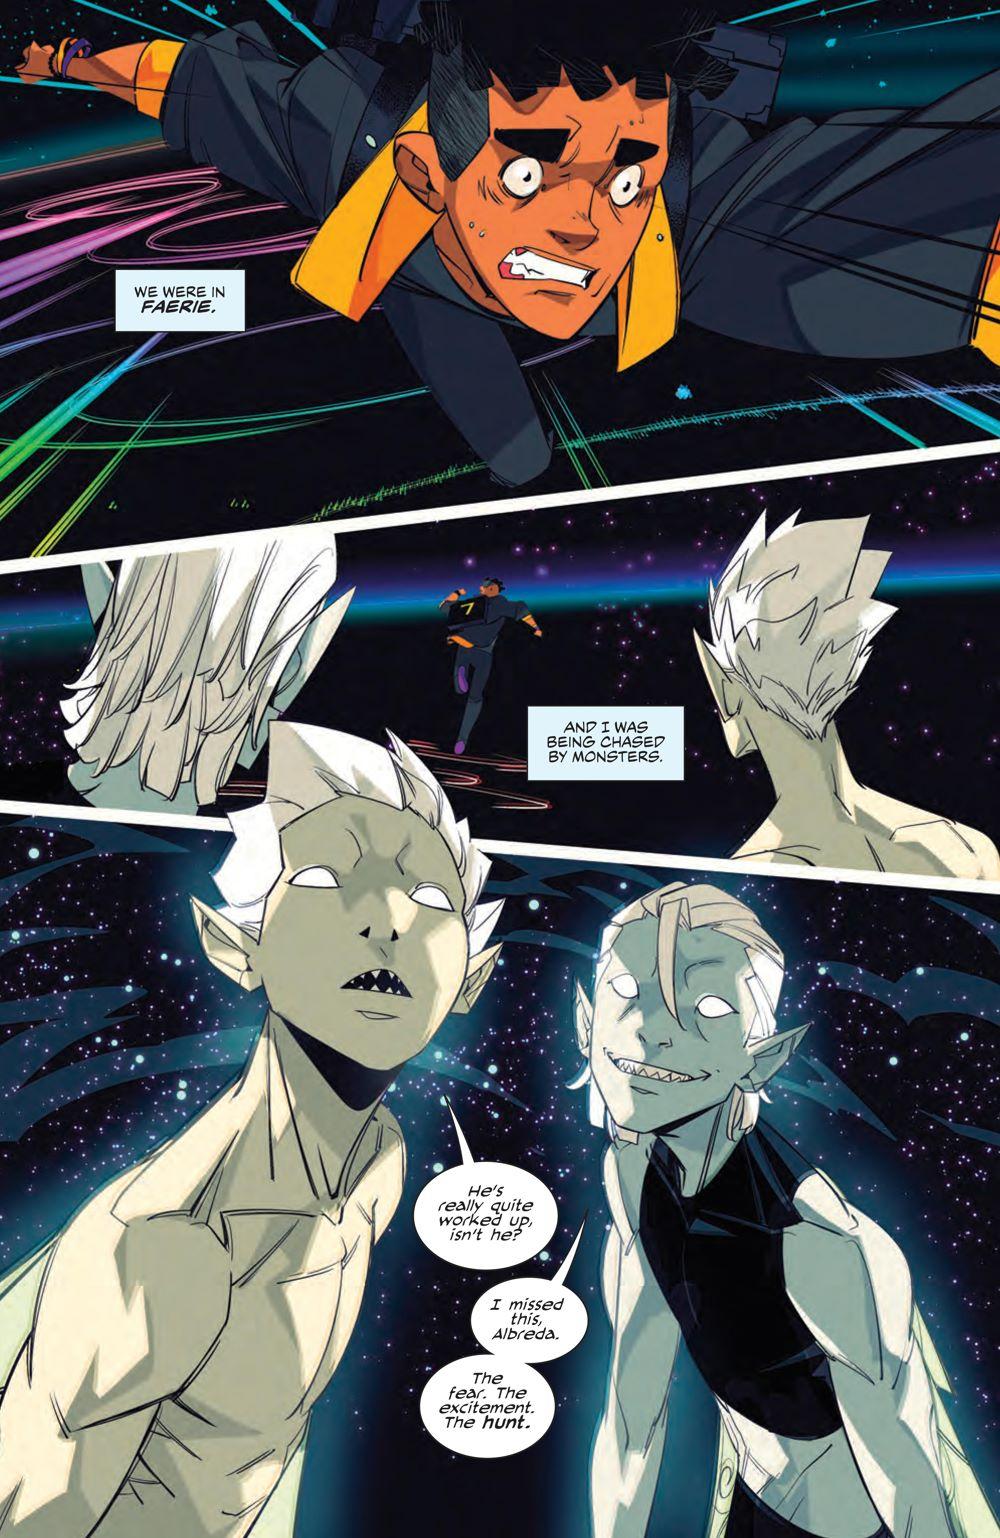 SevenSecrets_007_PRESS_4 ComicList Previews: SEVEN SECRETS #7